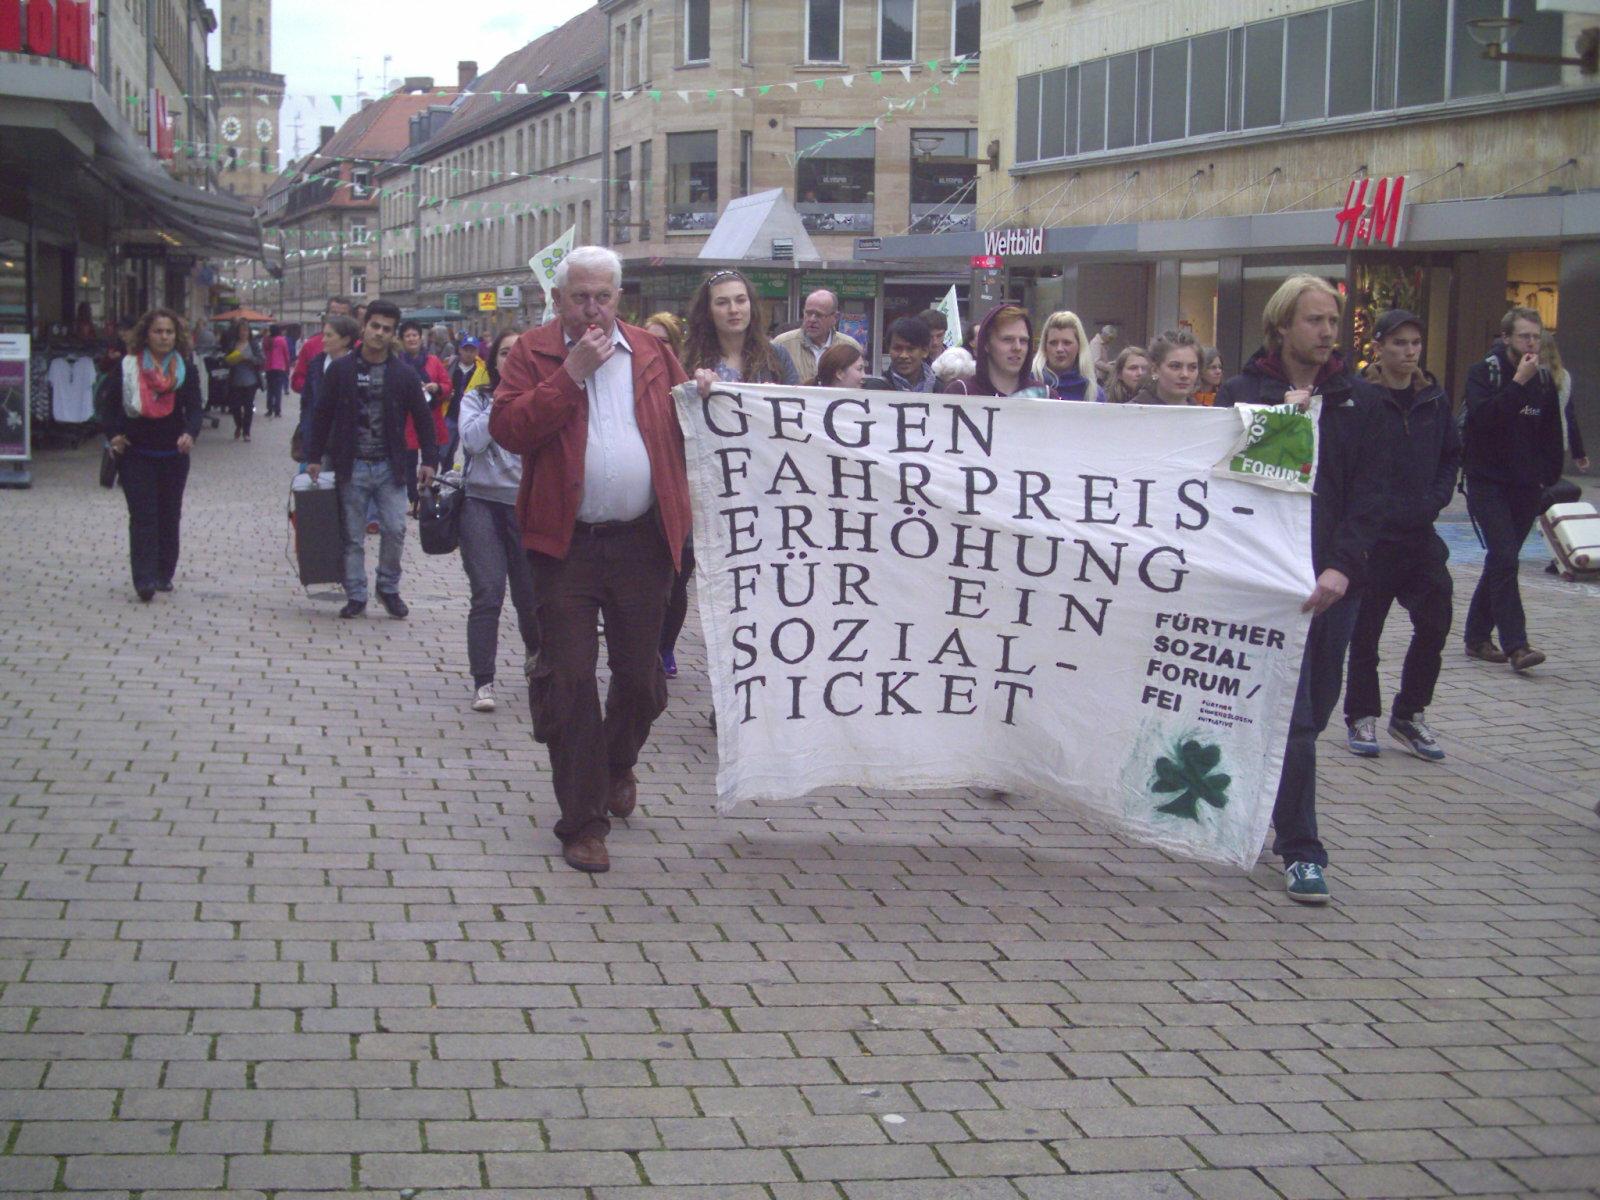 Demonstrationszug der Lärmdemonstration gegen Fahrpreiserhöhung in der Fürther Fußgängerzone